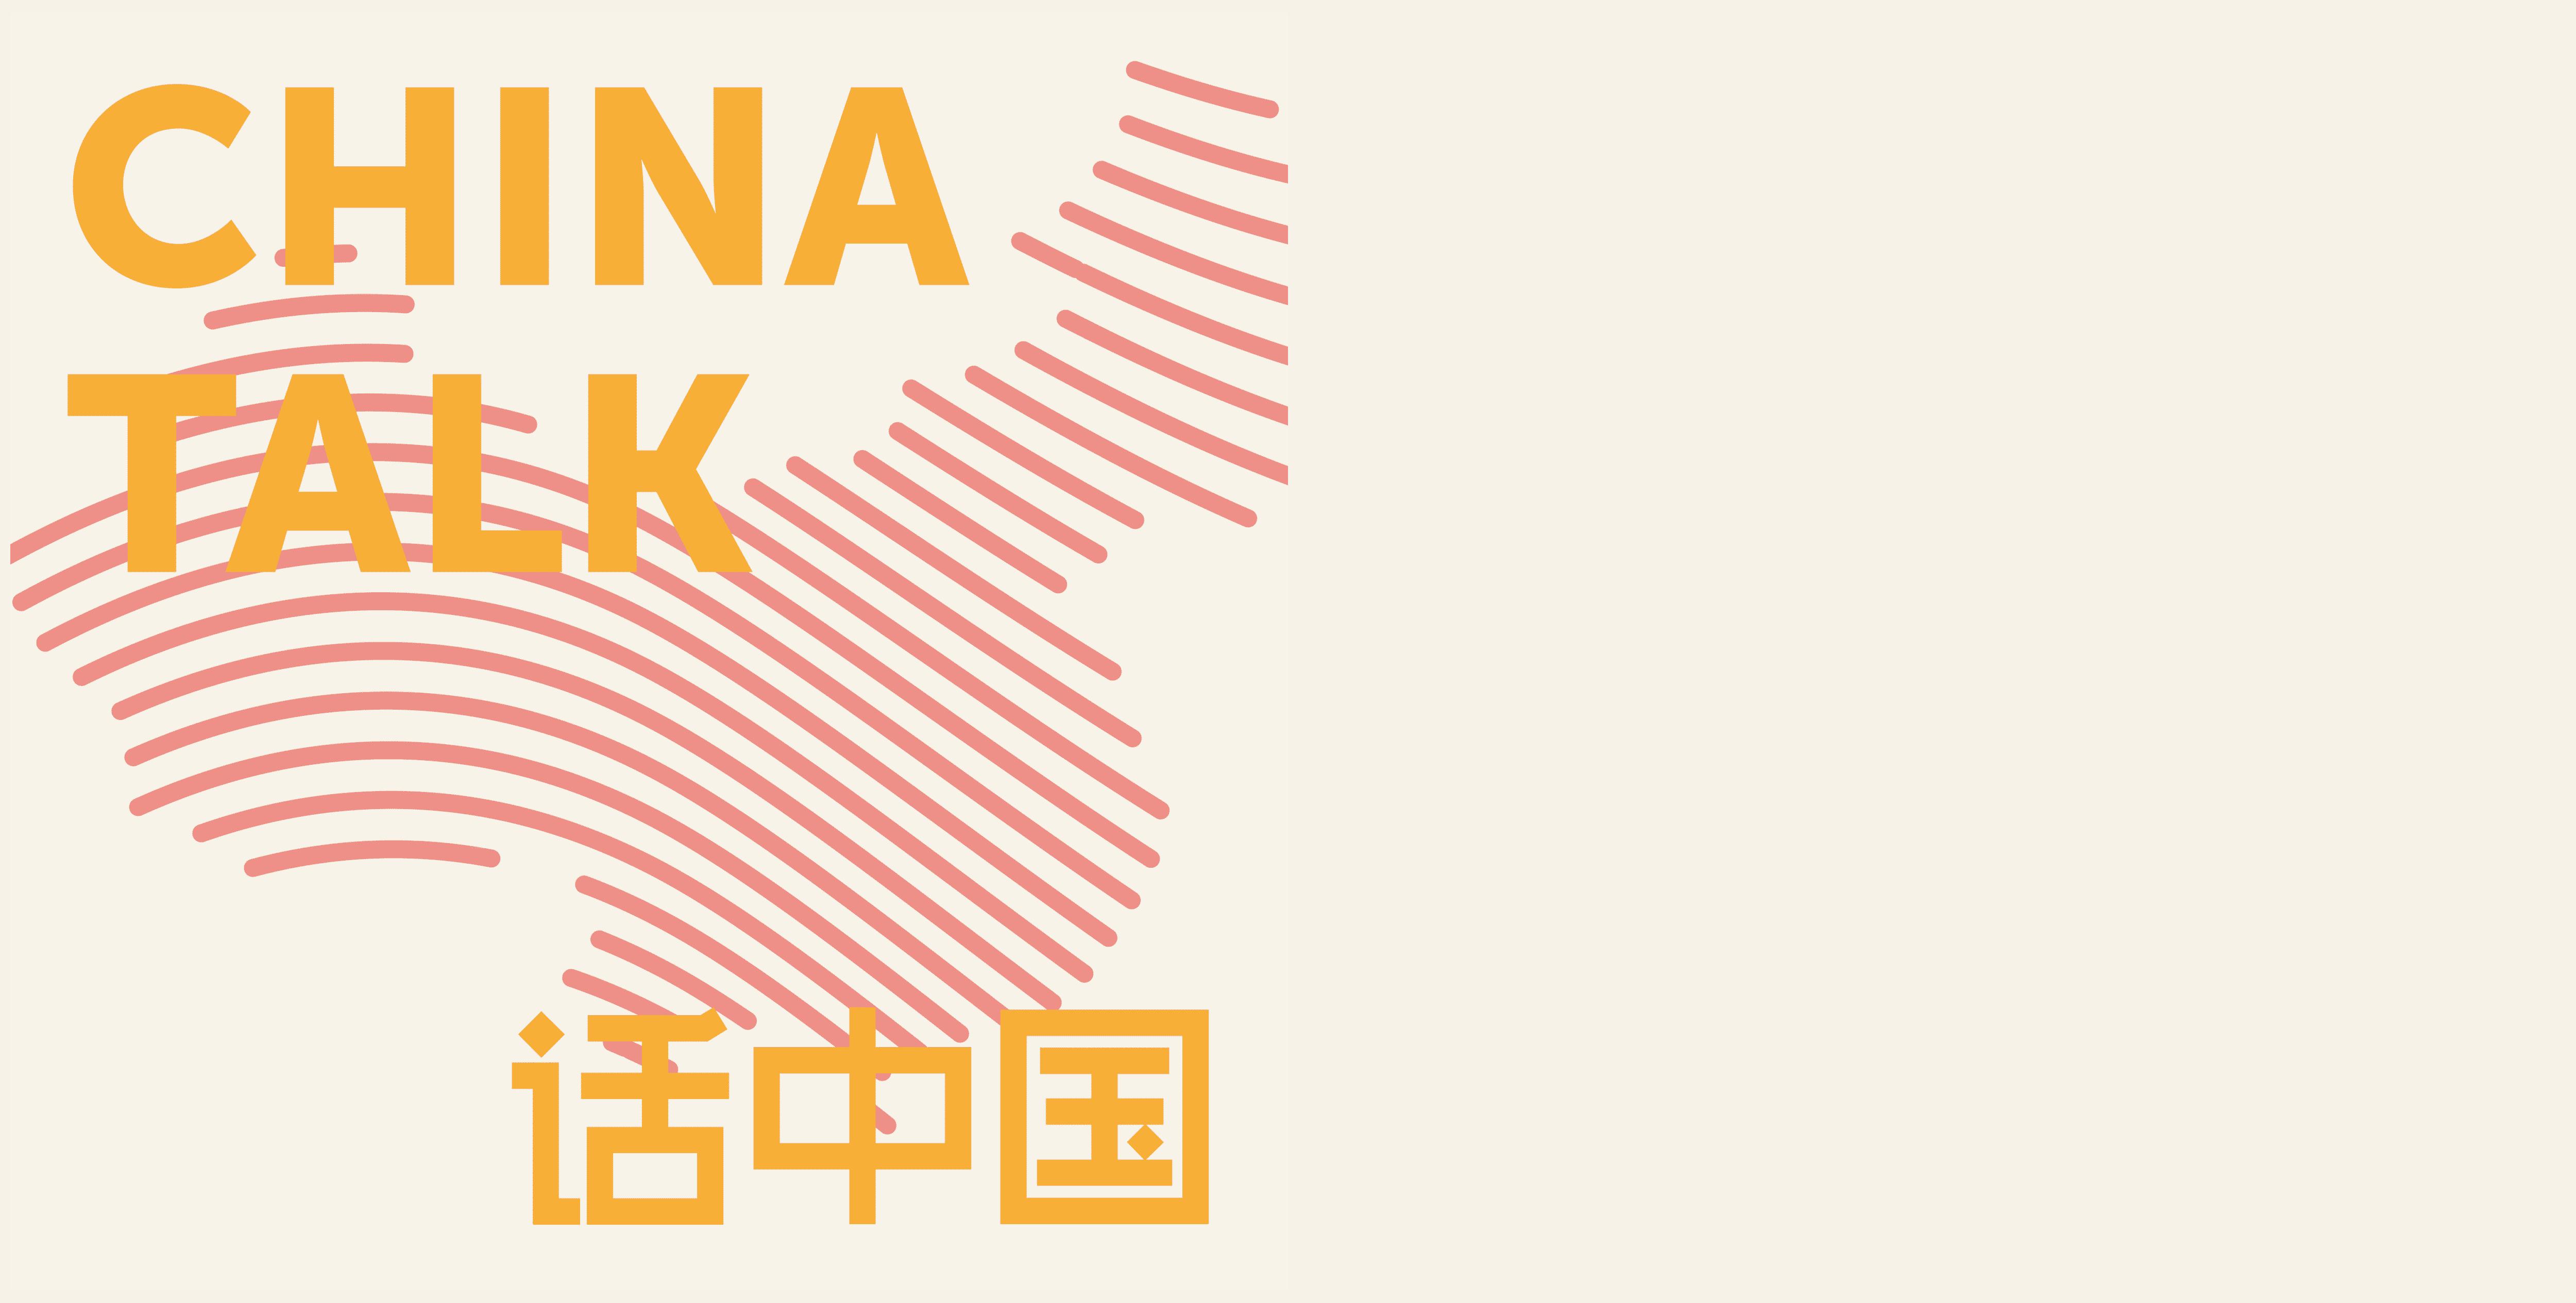 China Talk Podcast Logo